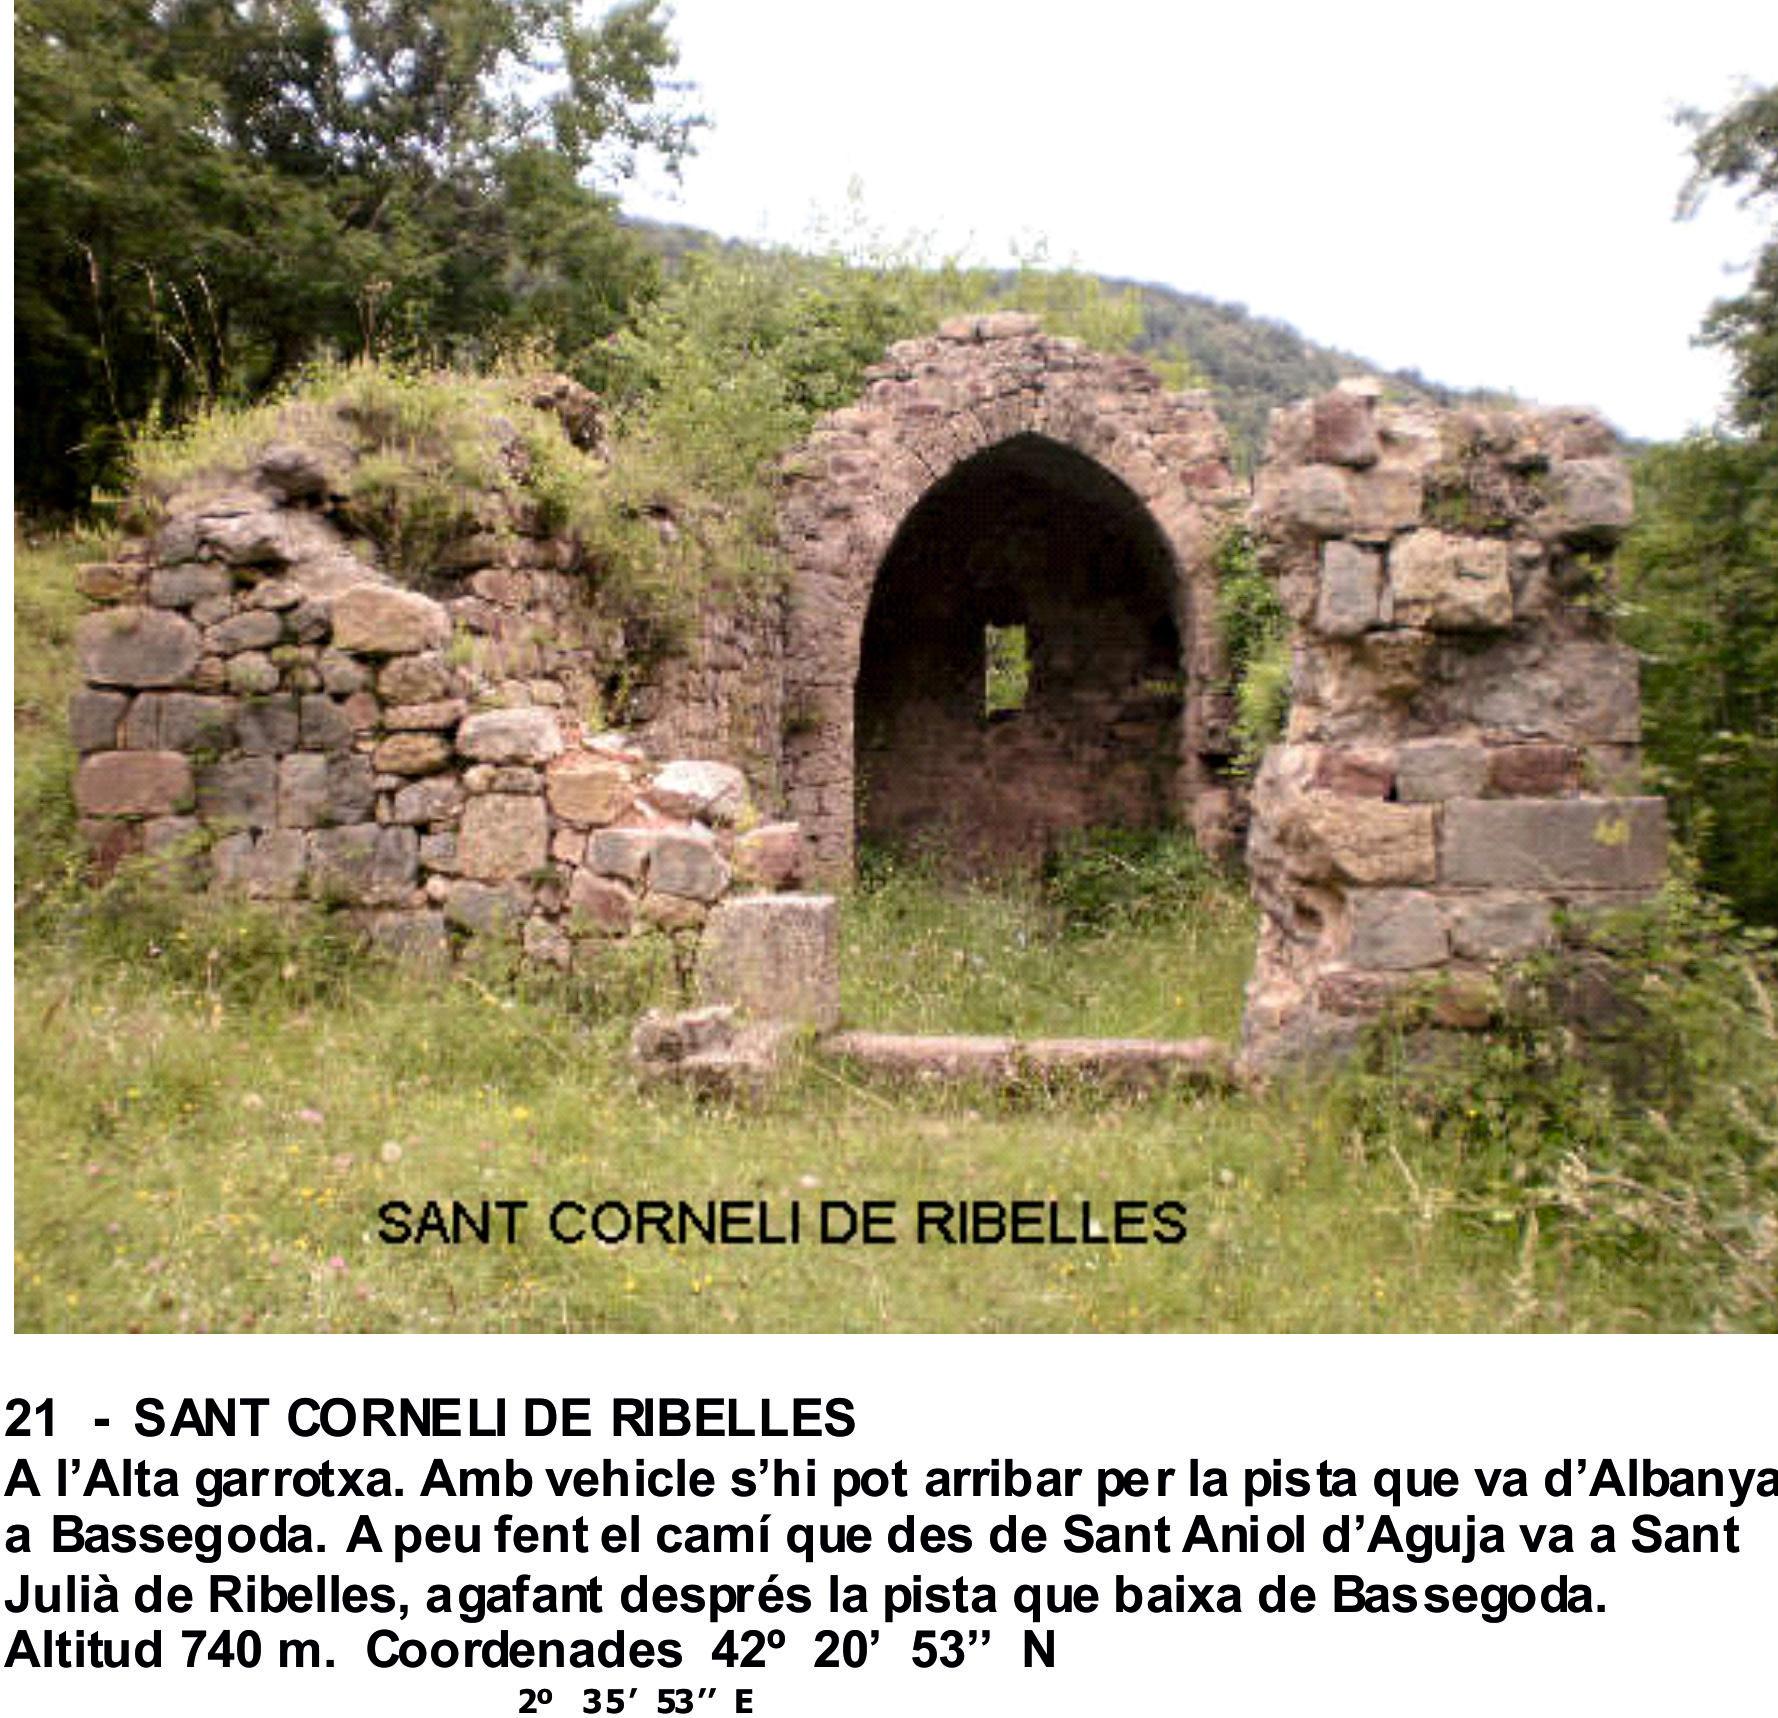 21  -  SANT CORNELI DE RIBELLES